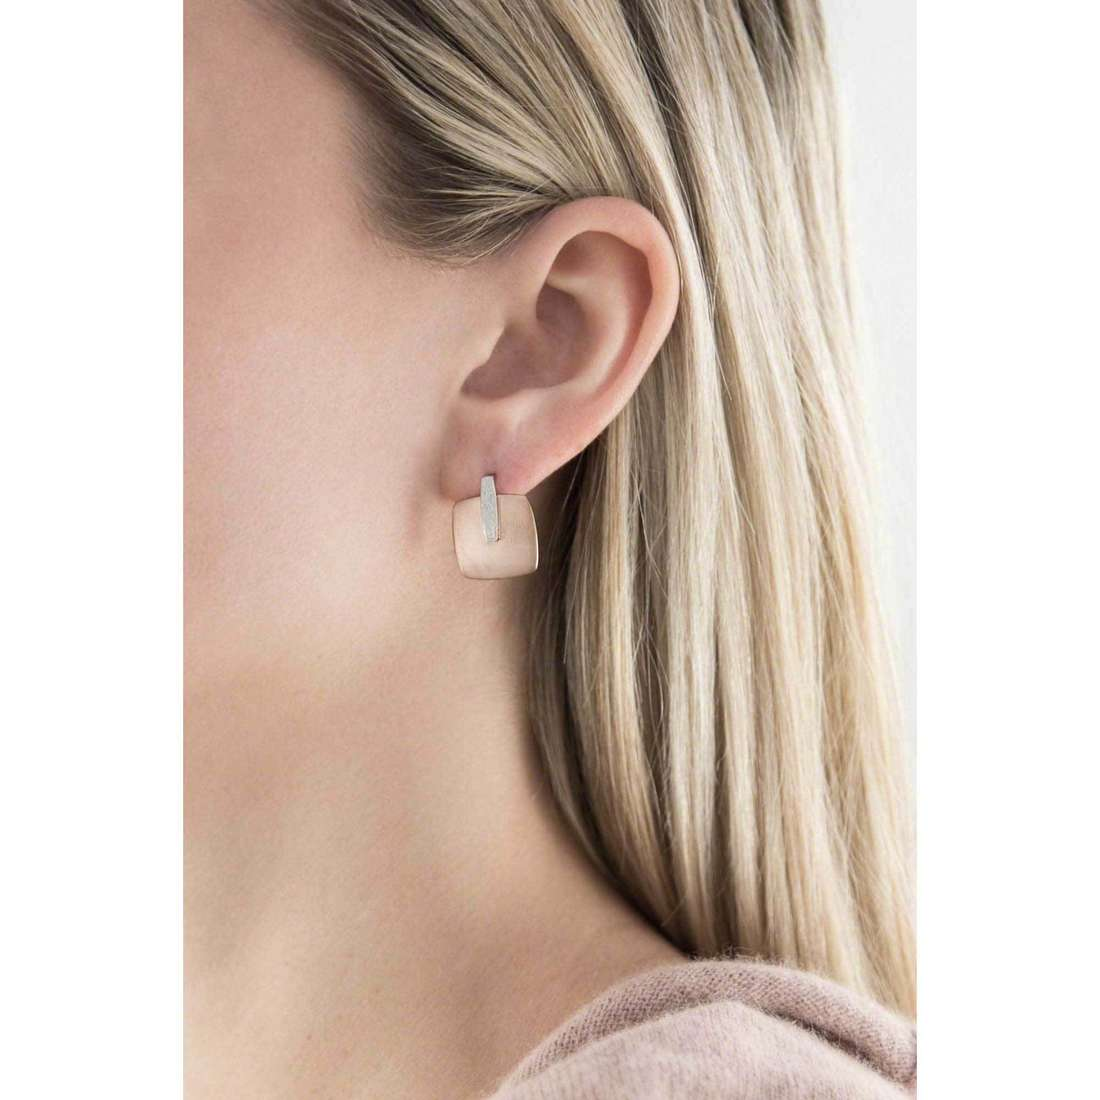 Breil boucles d'oreille New Blast femme TJ1614 indosso